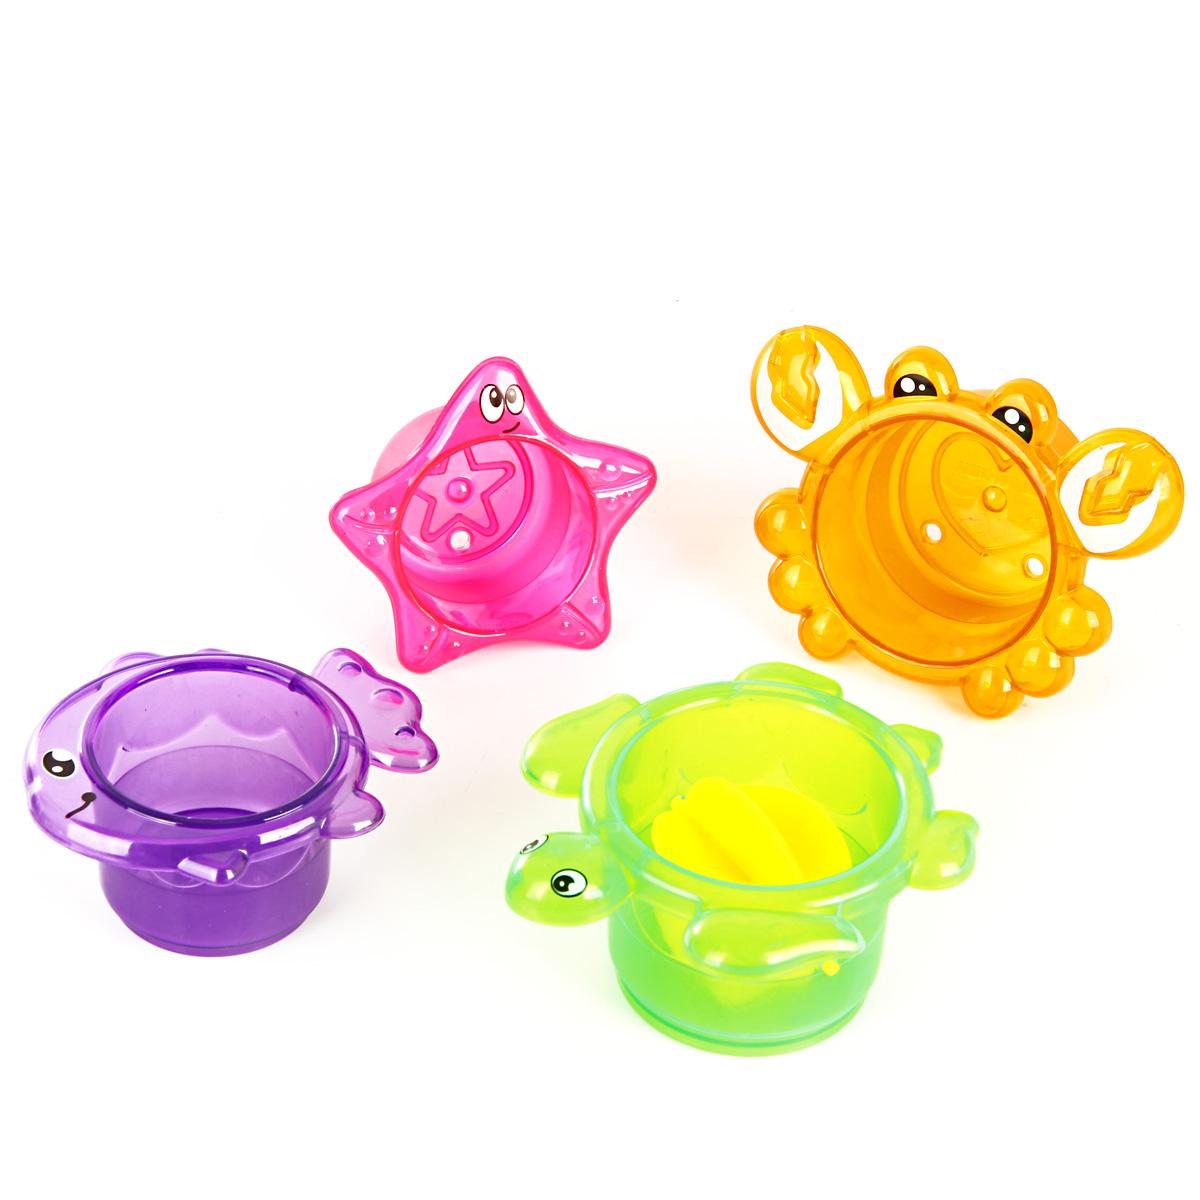 Игрушки для ванны Ути Пути Набор игрушек для ванны Ути Пути «Формочки. Черепашка» в асс. игрушки для ванны жирафики набор для купания черепашка и пингвин